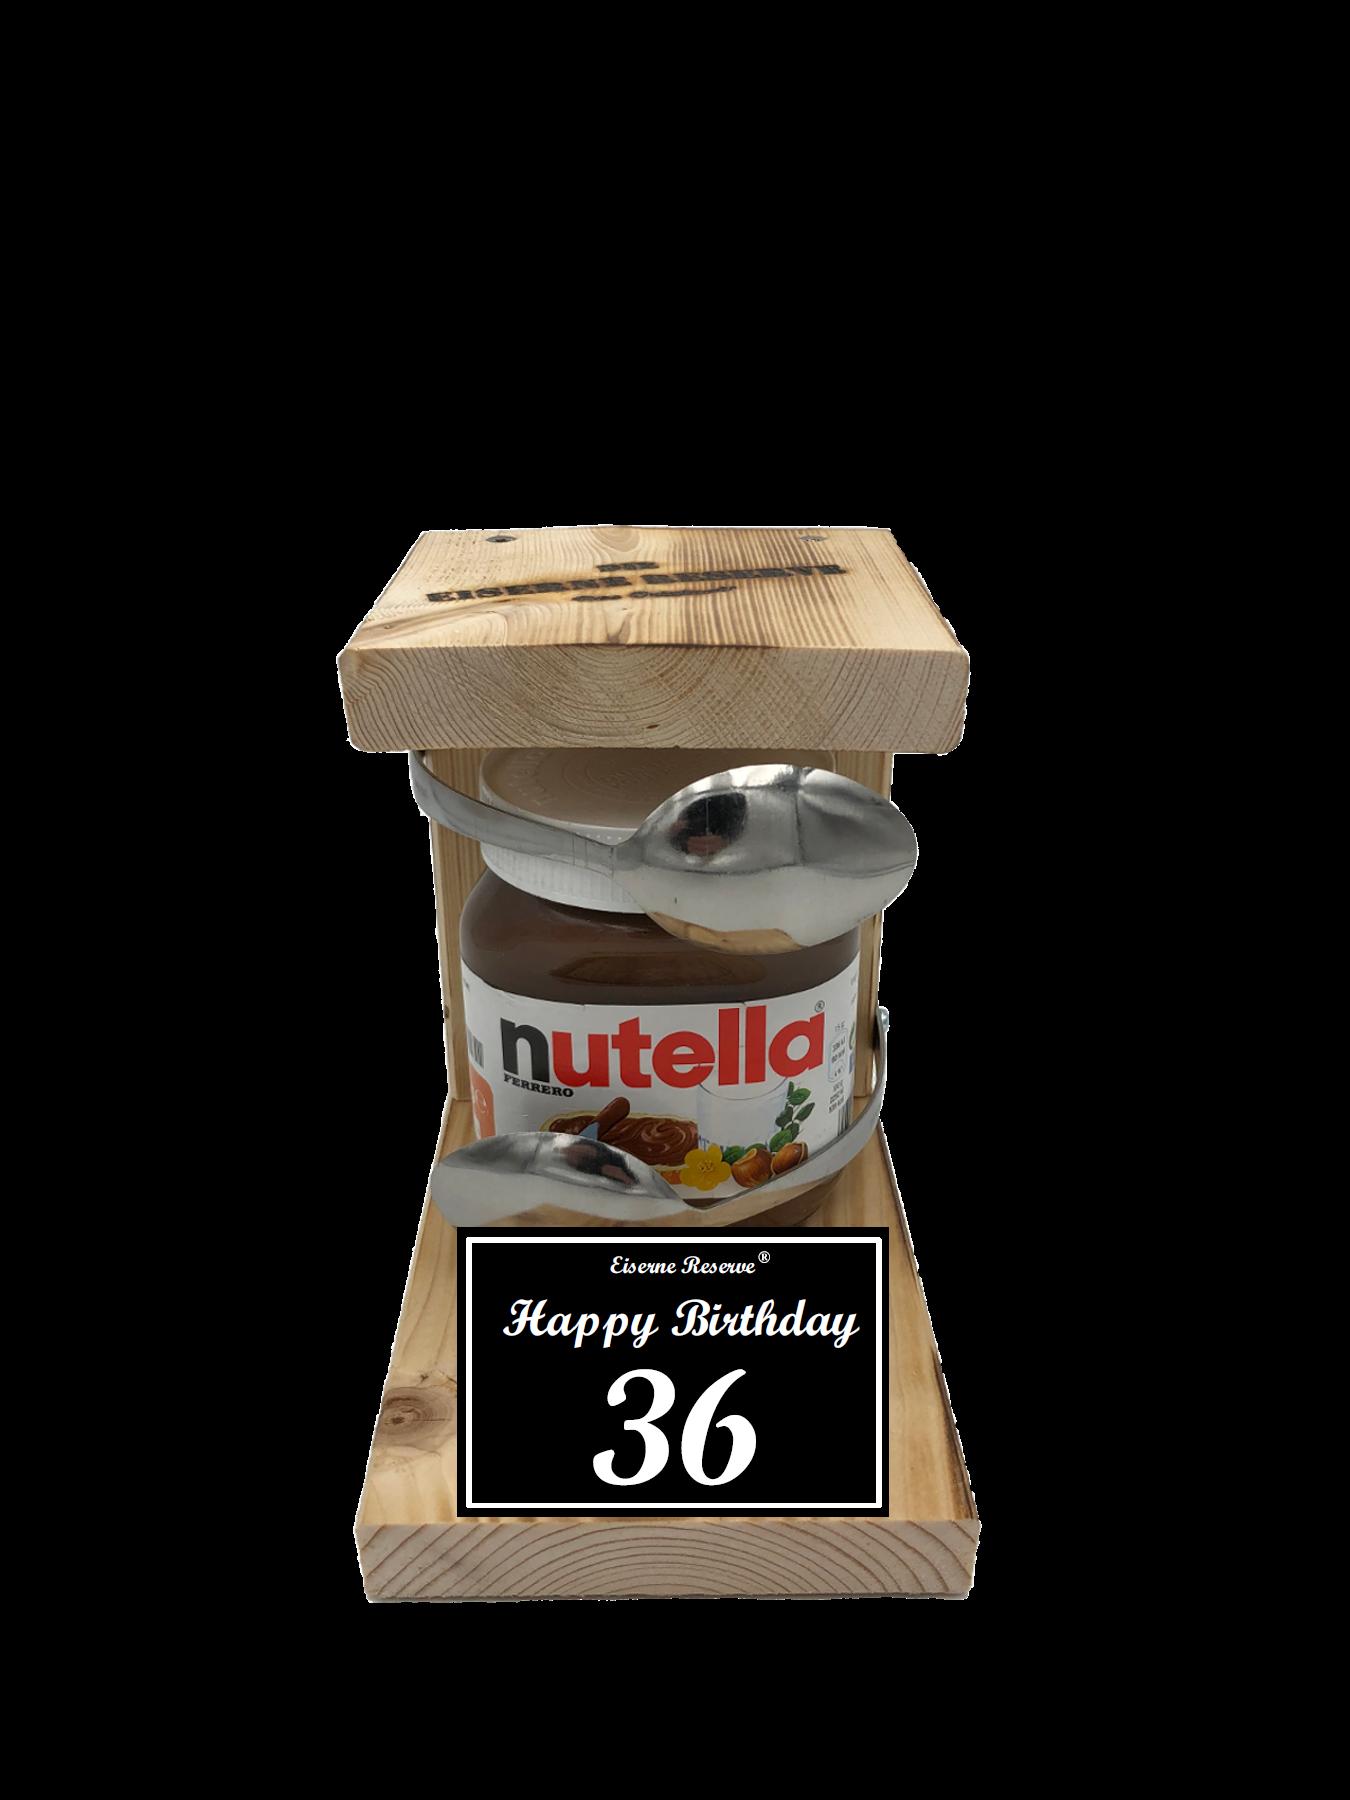 36 Happy Birthday Löffel Nutella Geschenk - Die Nutella Geschenkidee